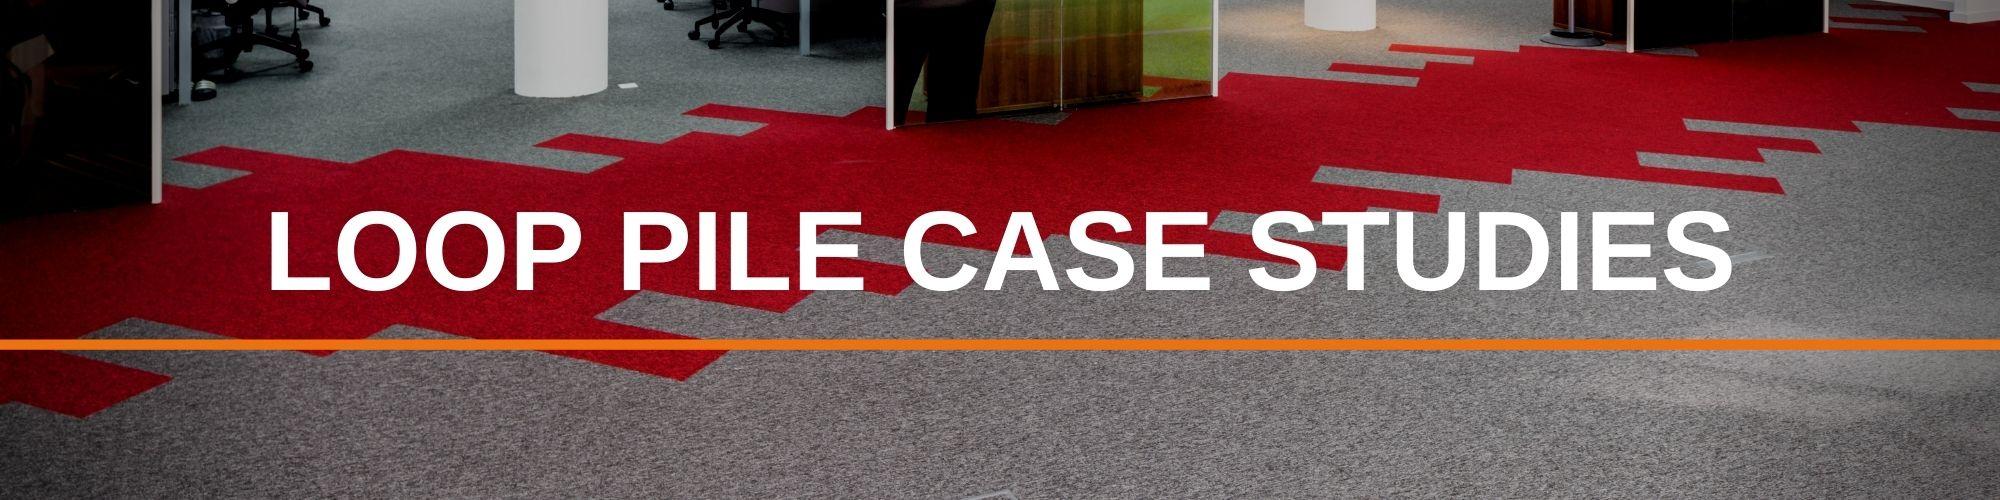 LOOP PILE CASE STUDIES | Paragon Carpet Tiles | Commercial Carpet Tiles